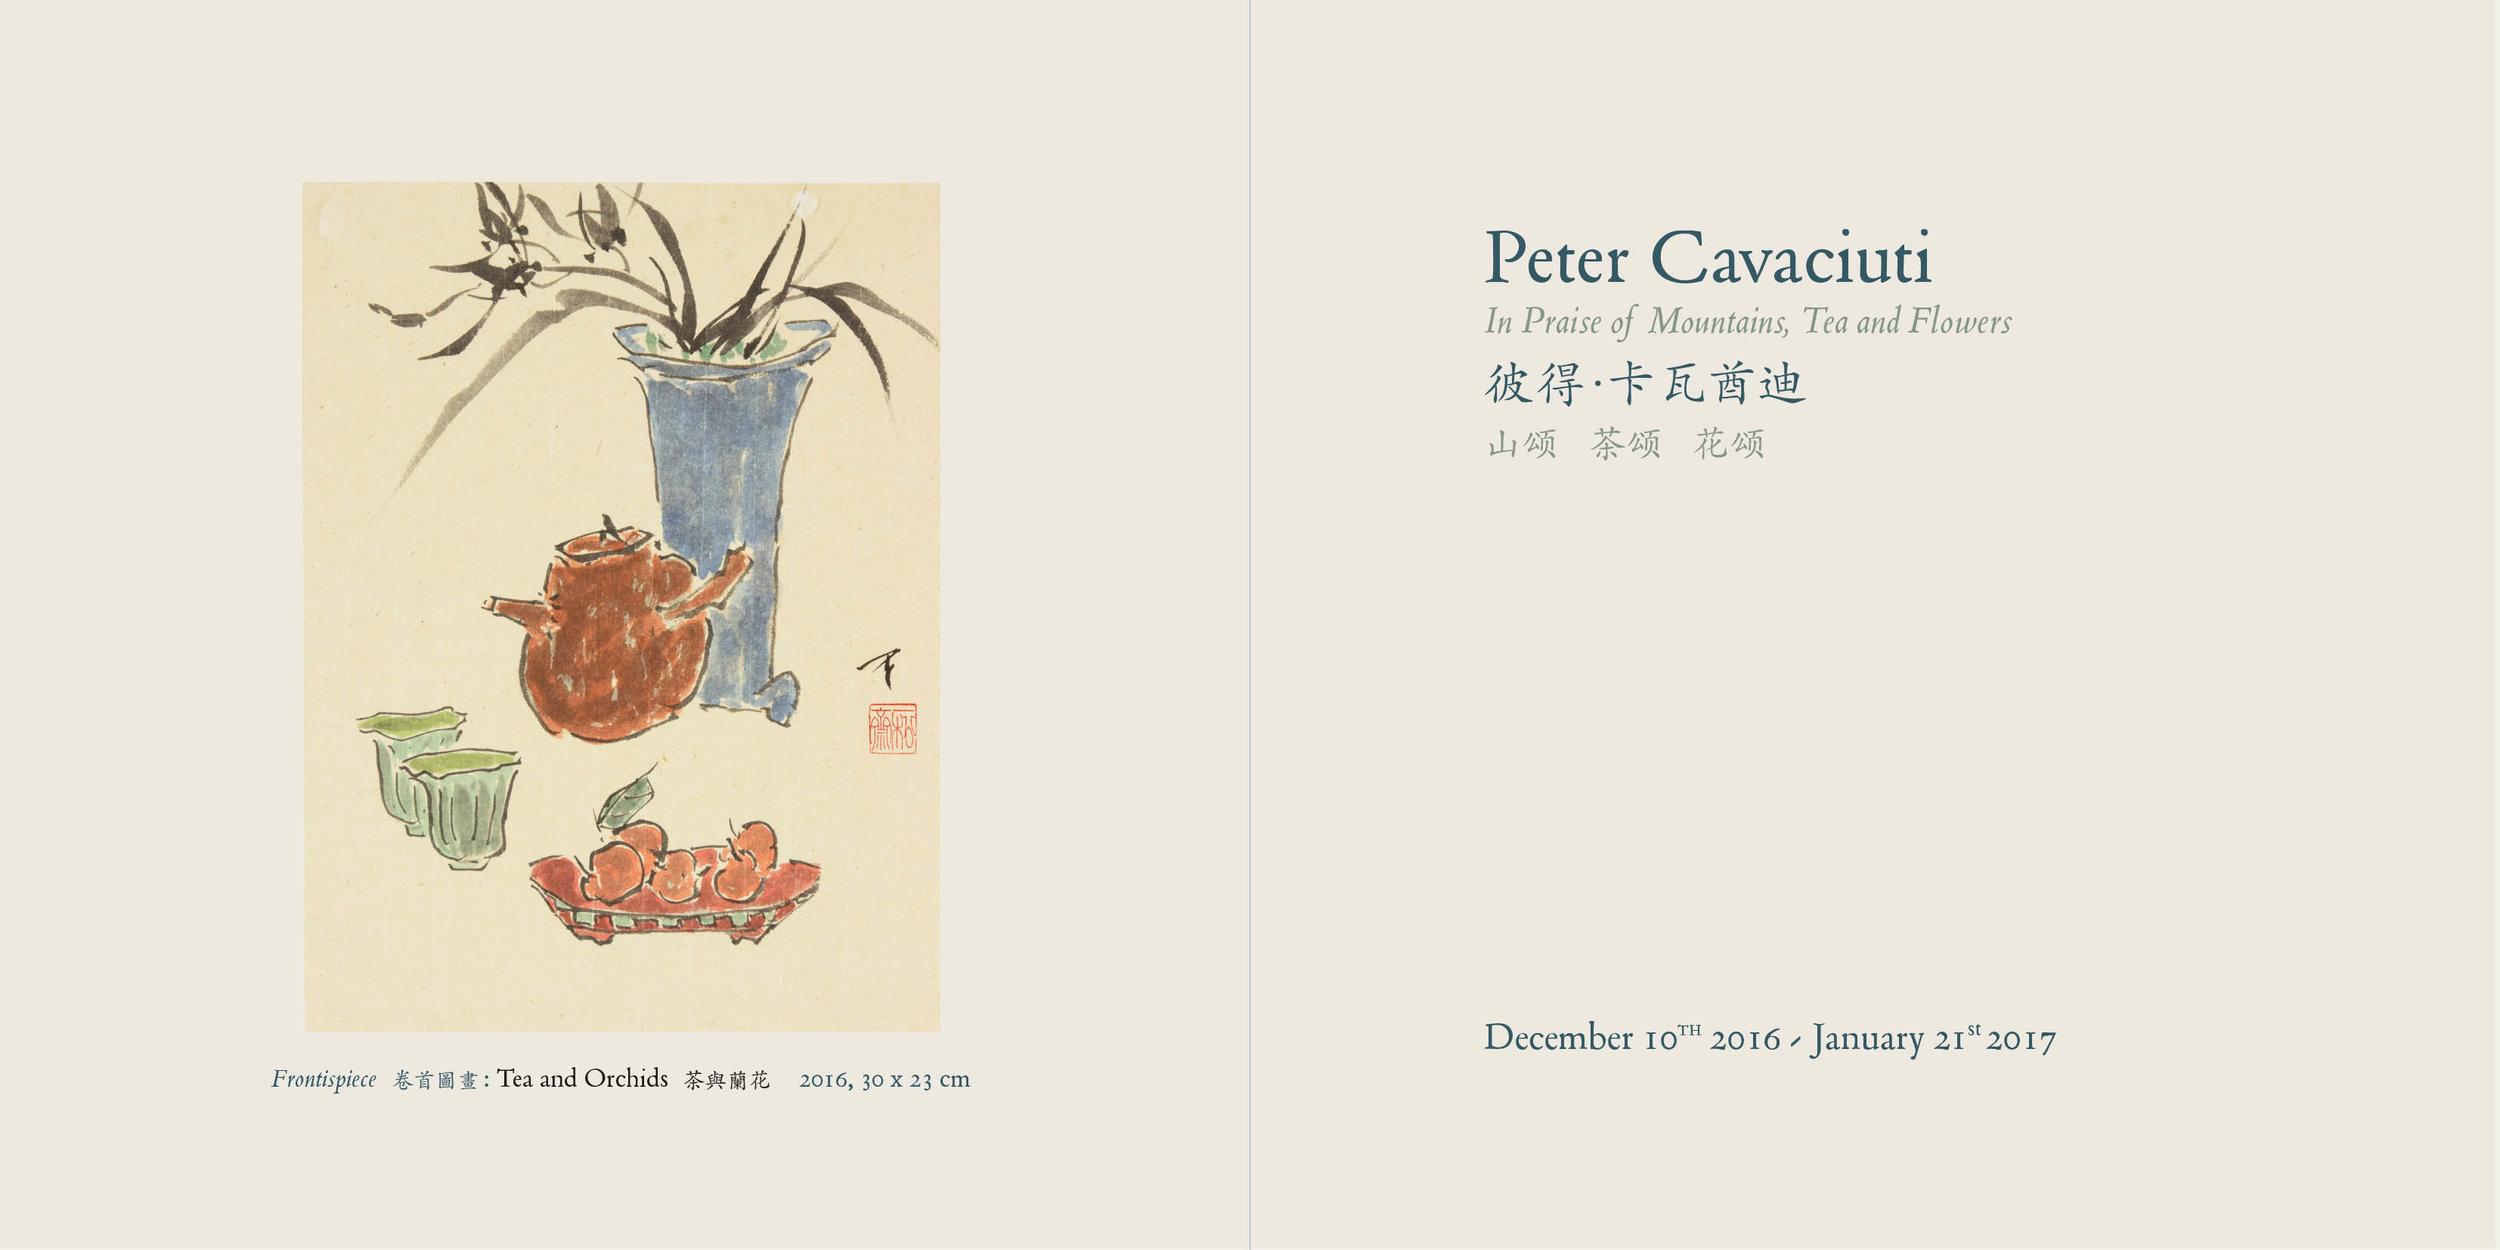 Cavaciuti title page 2.jpg